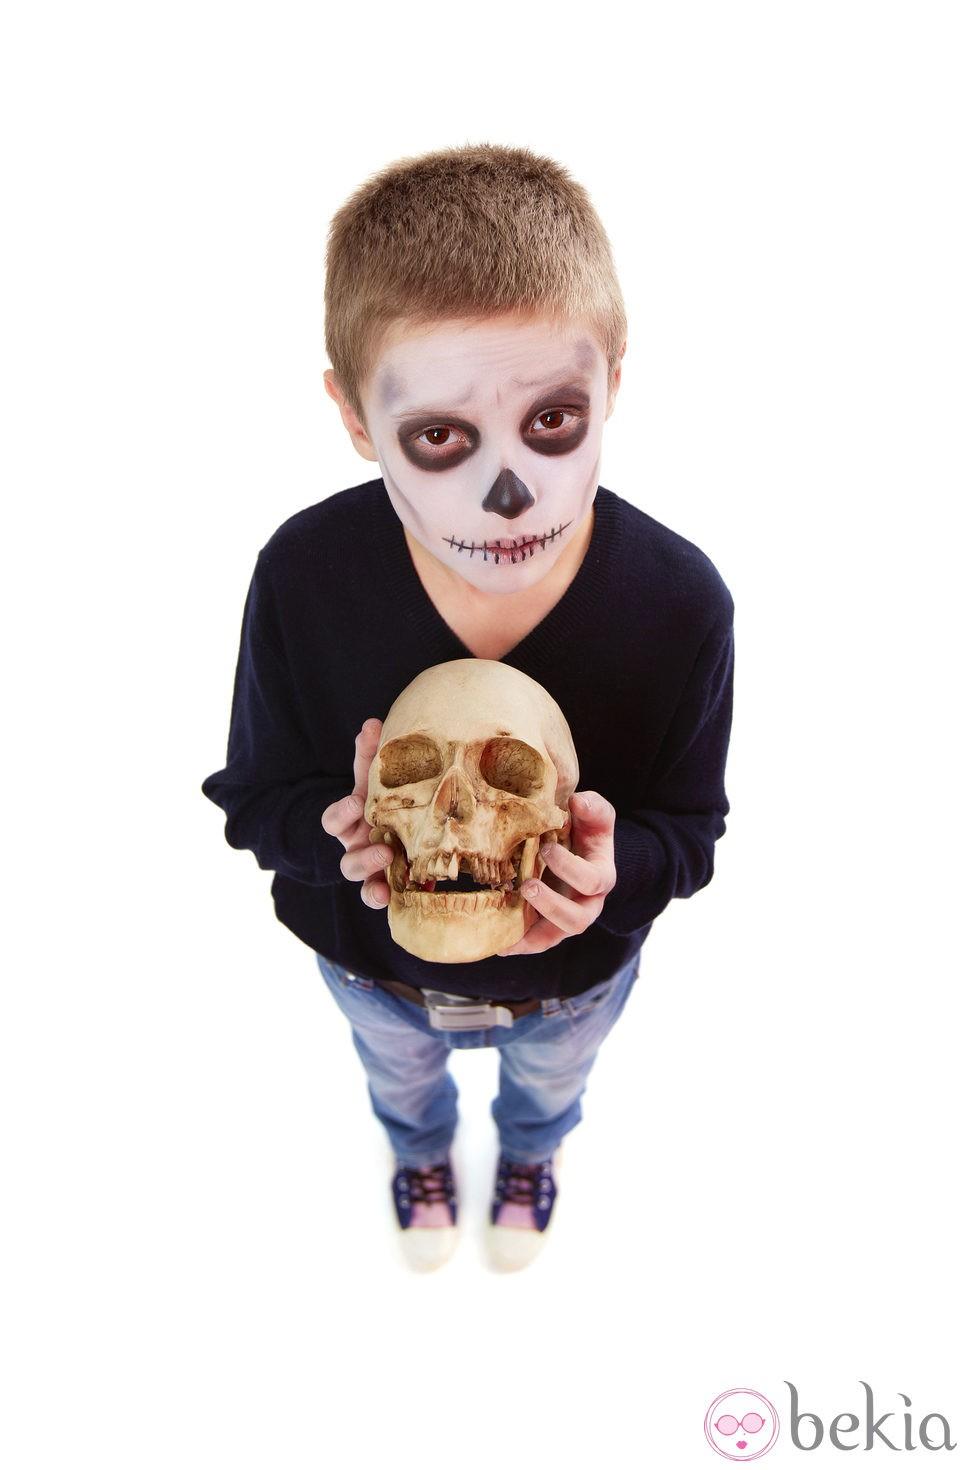 Disfraz de calavera para niños - Disfraces de Halloween